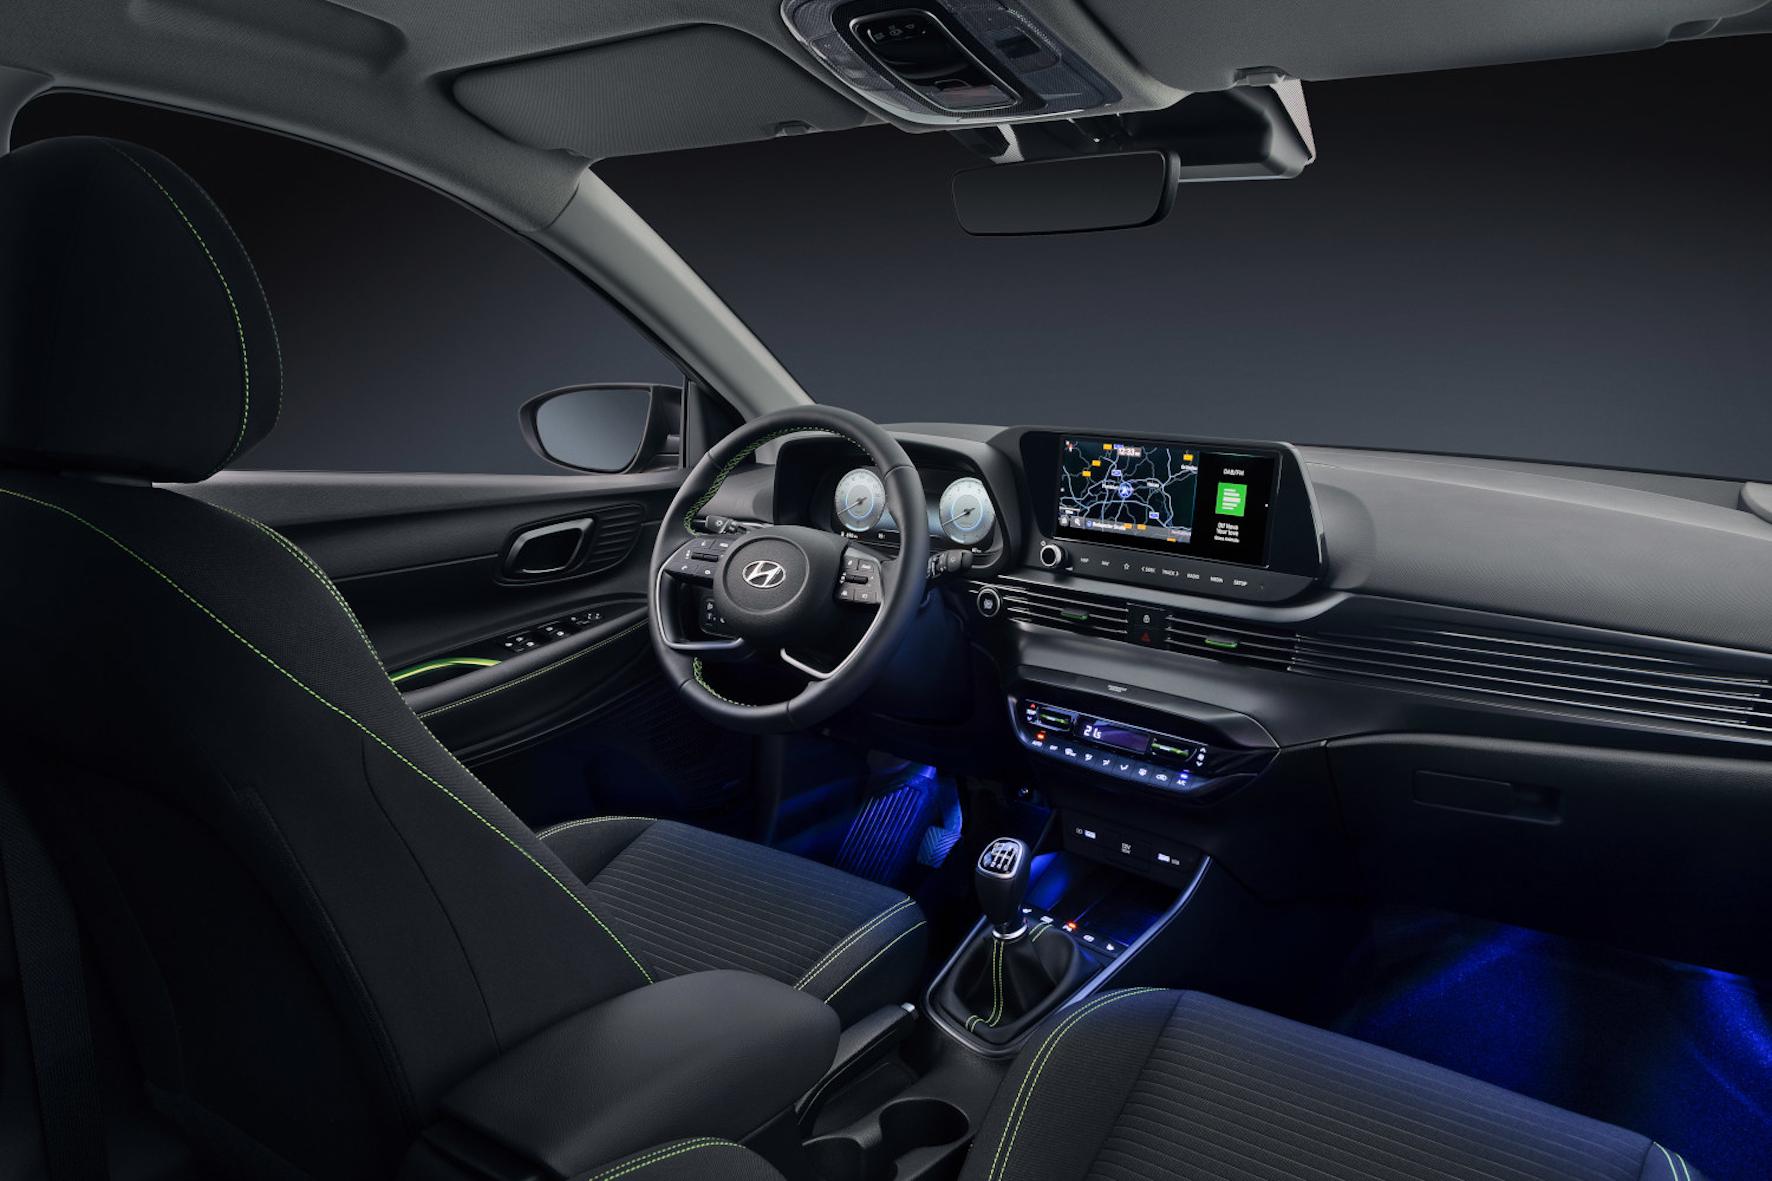 mid Groß-Gerau - Die Lamellen-Struktur des Armaturenbretts und die Ambientebeleuchtung sorgen im i20 für Premium-Gefühle. Hyundai